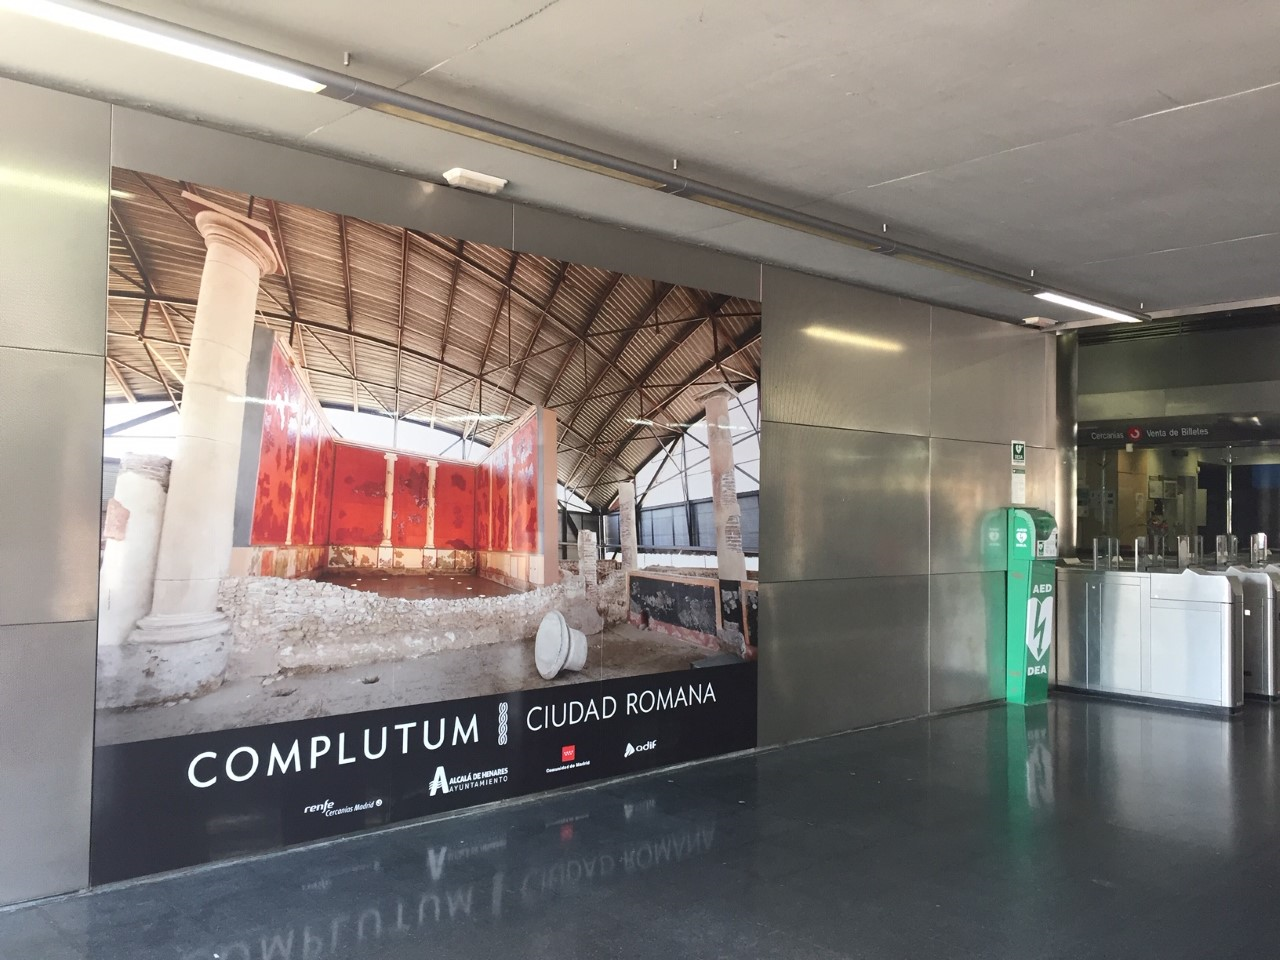 Estación la Garena